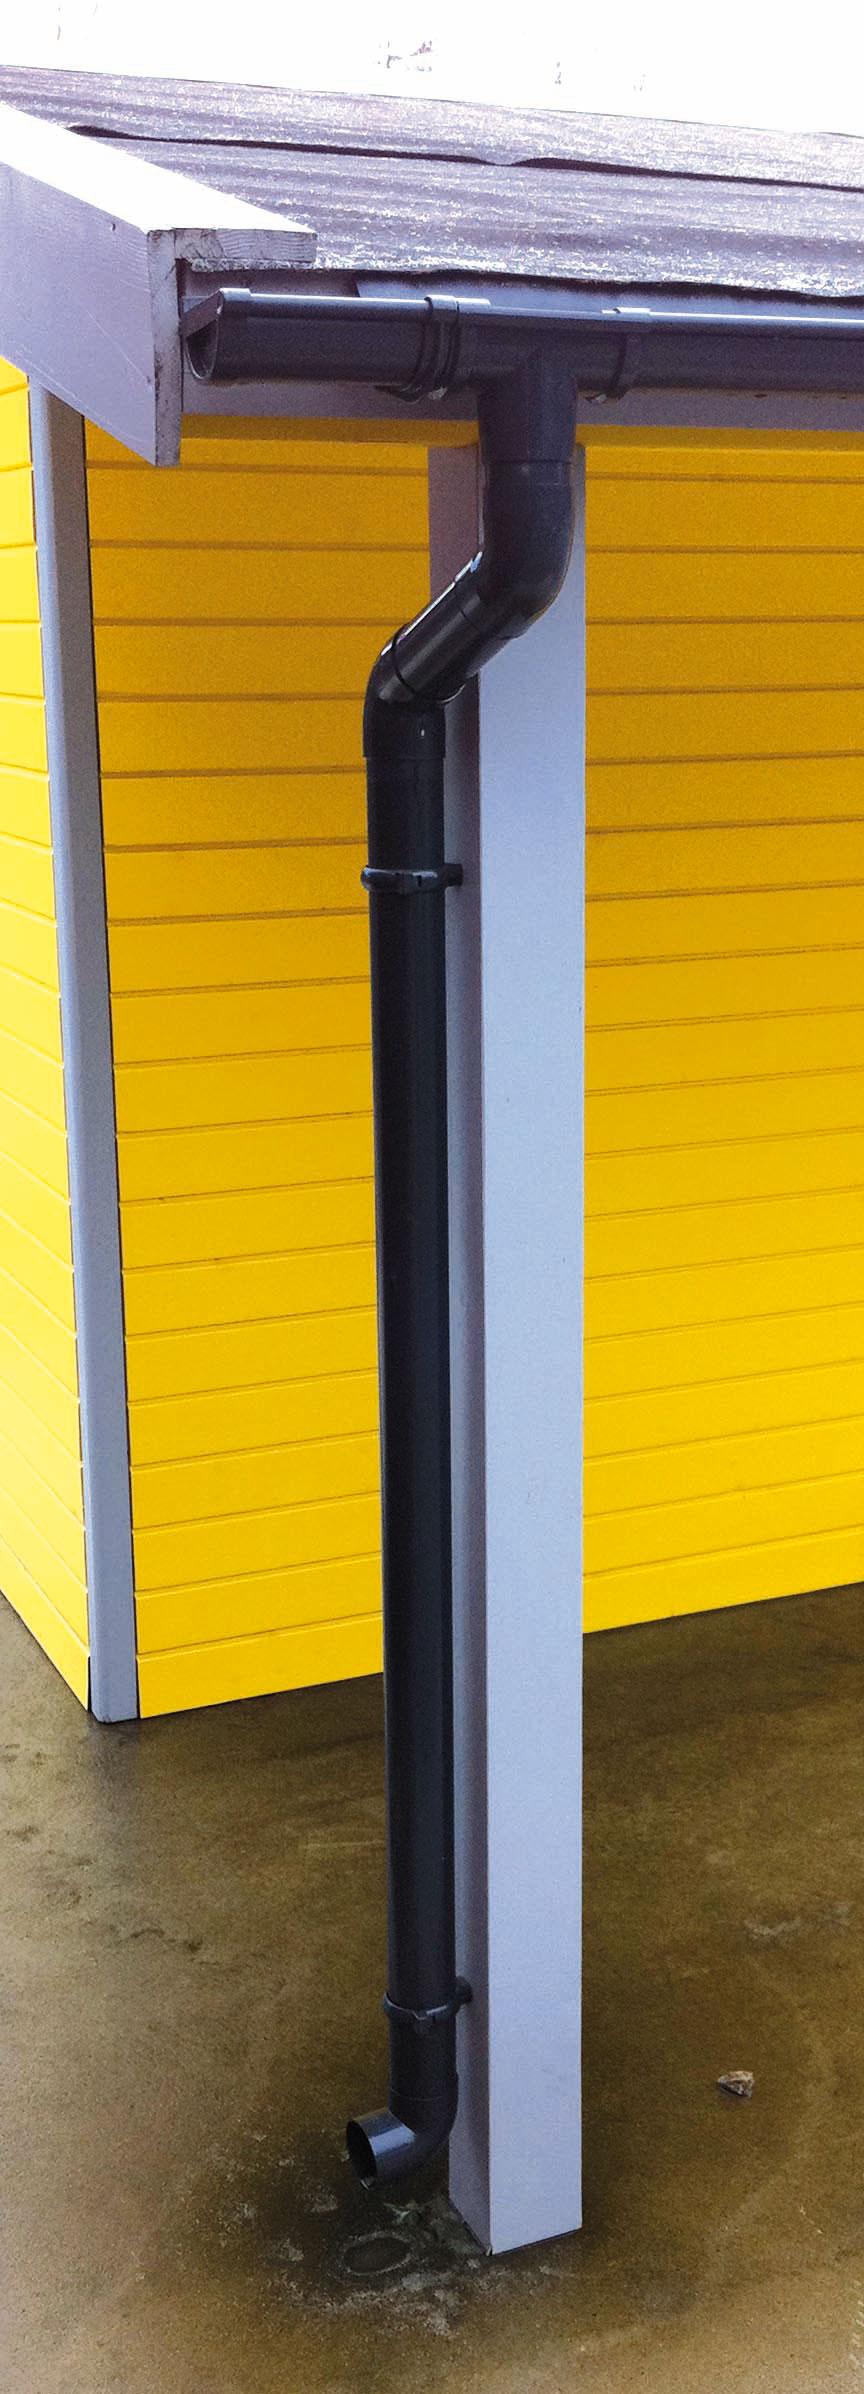 Dachrinnen Ergänzungsset RG80 410A Anbauten Metall Halter rund braun Bild 1